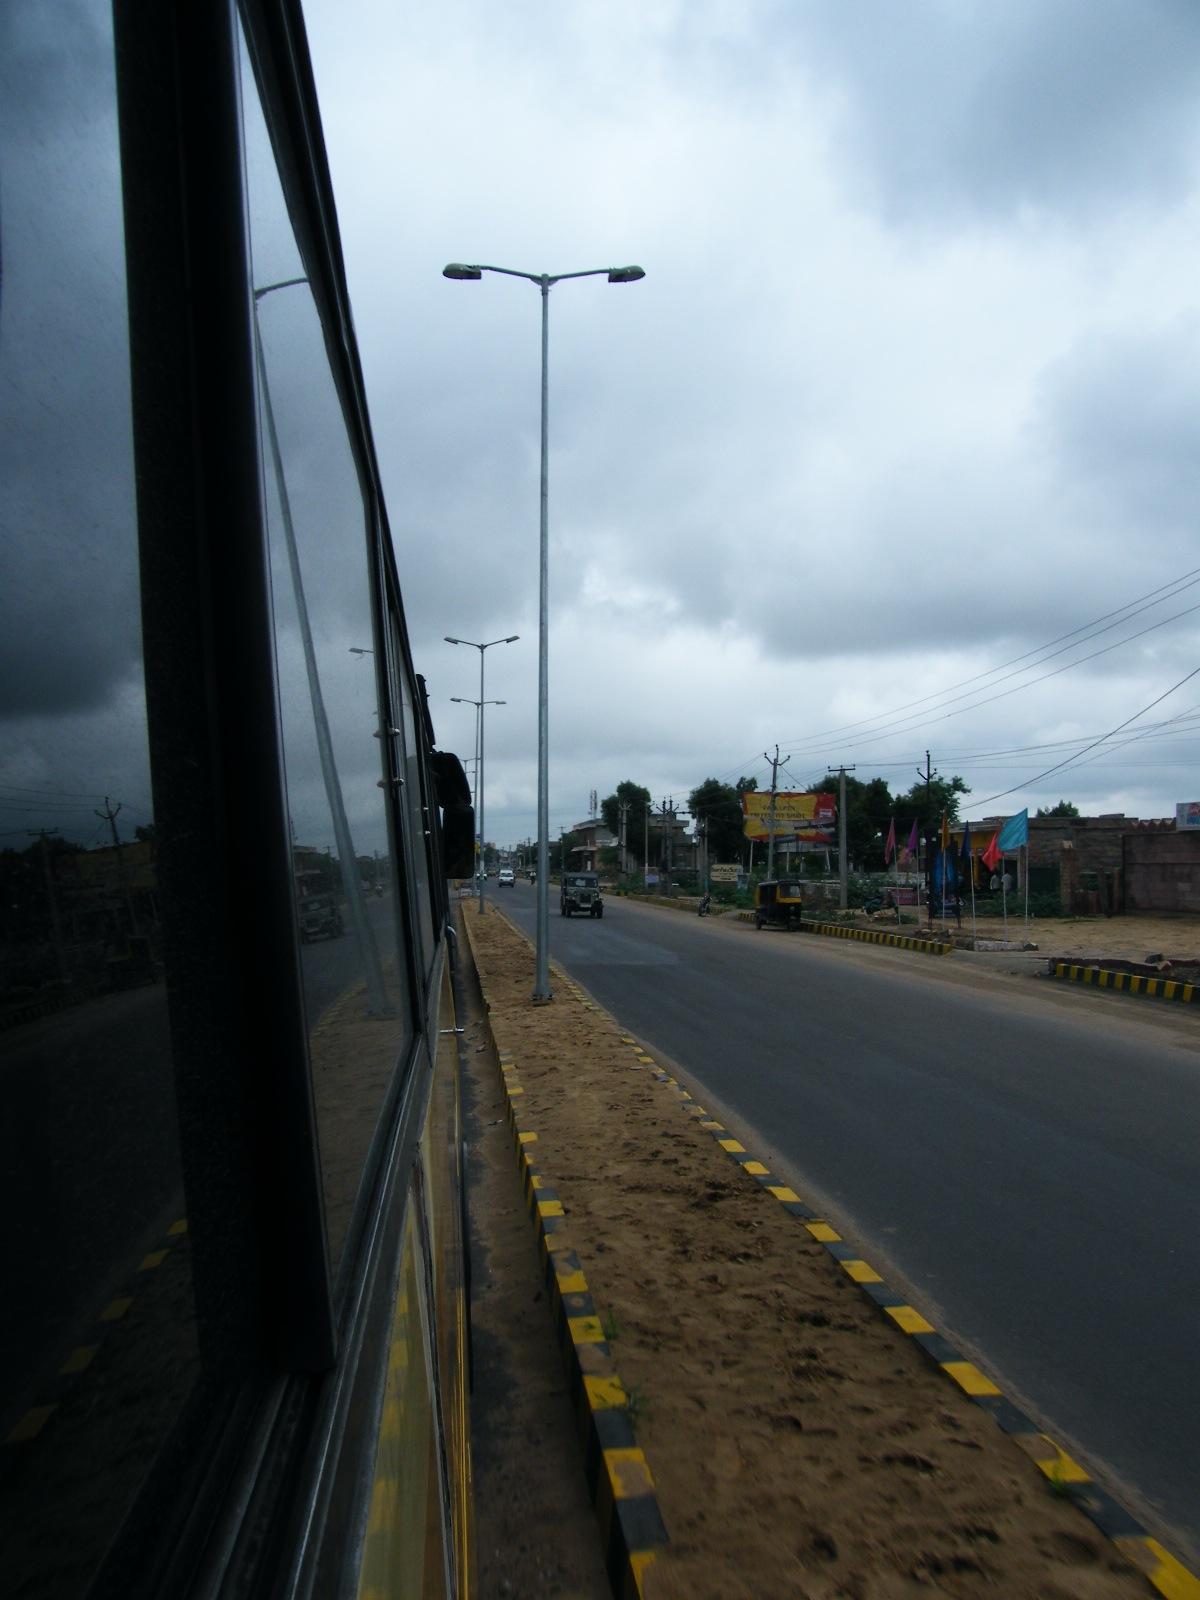 Desplazándonos en autobús de una ciudad a otra